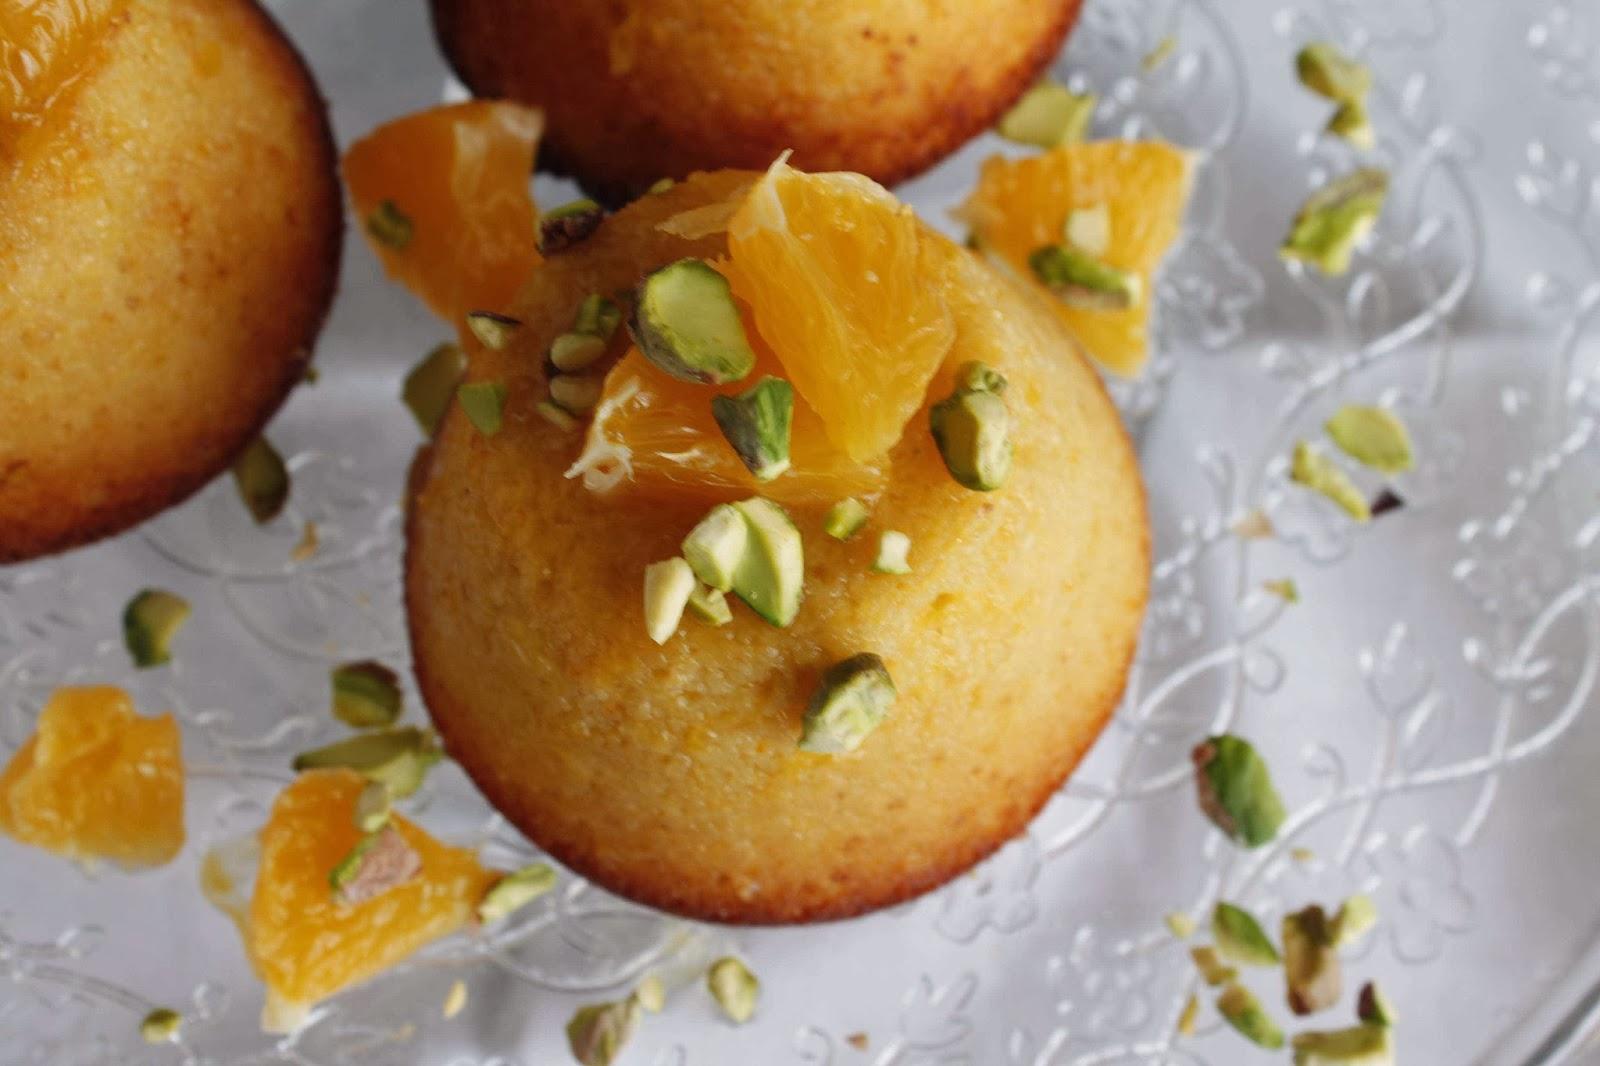 Receta Sicilian orange cakes o bizcocho de naranja siciliano